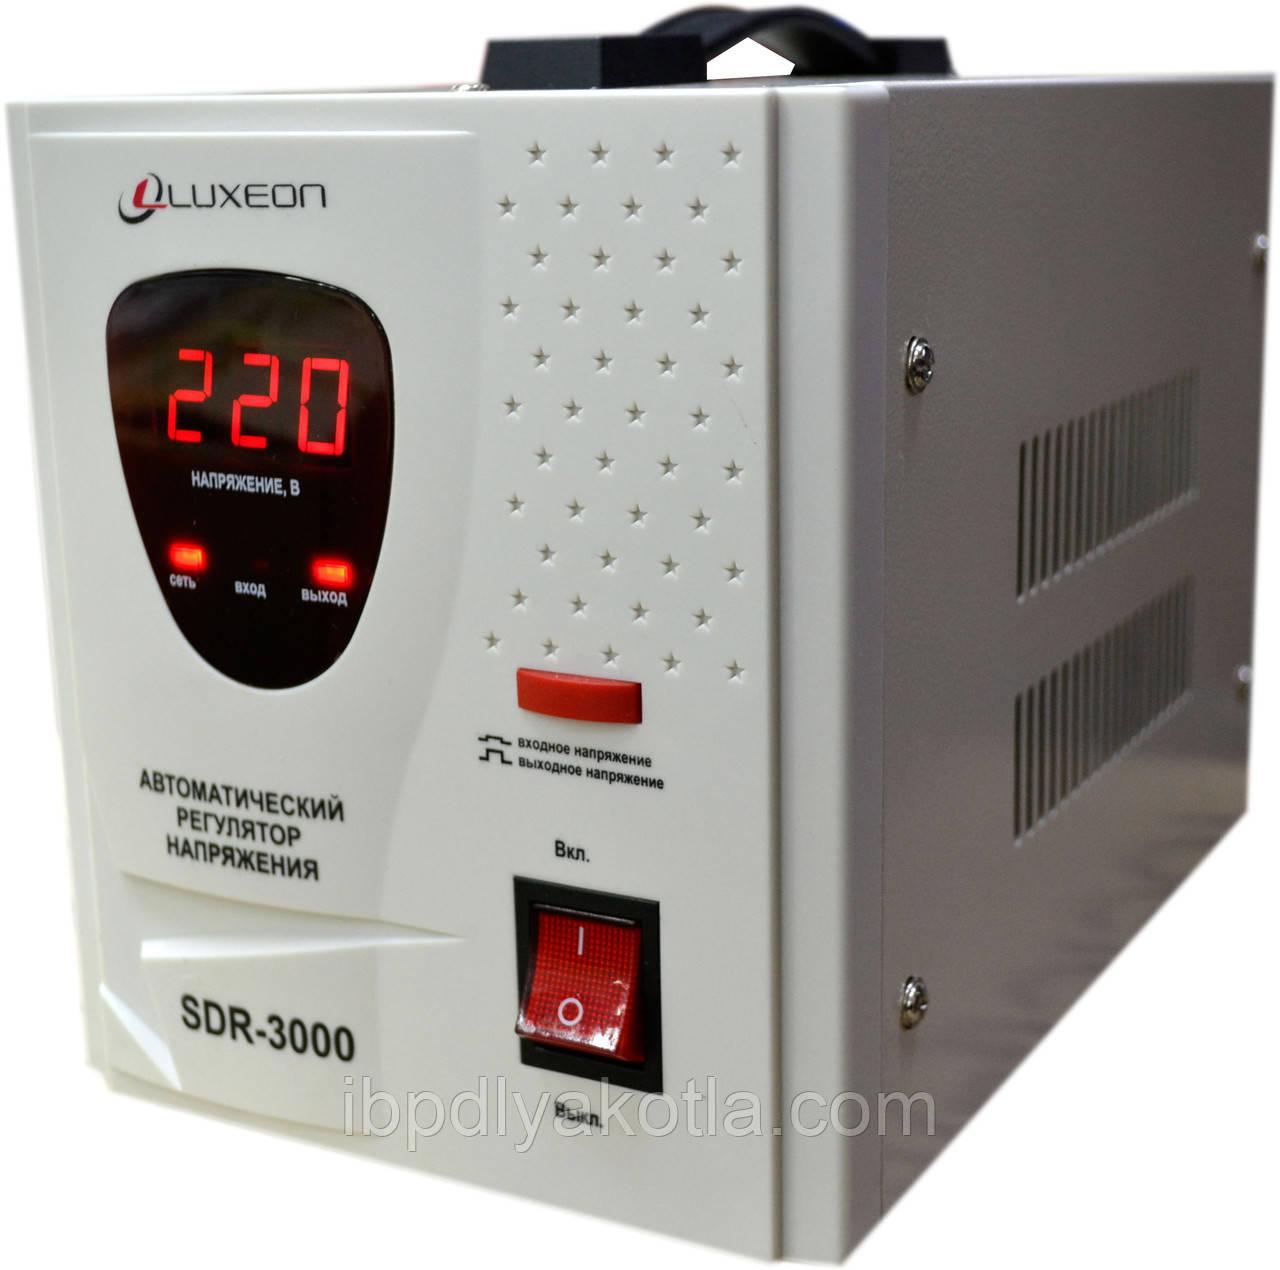 Стабилизатор напряжения Luxeon SDR-3000VA (1800Вт) - Пятый элемент в Одессе